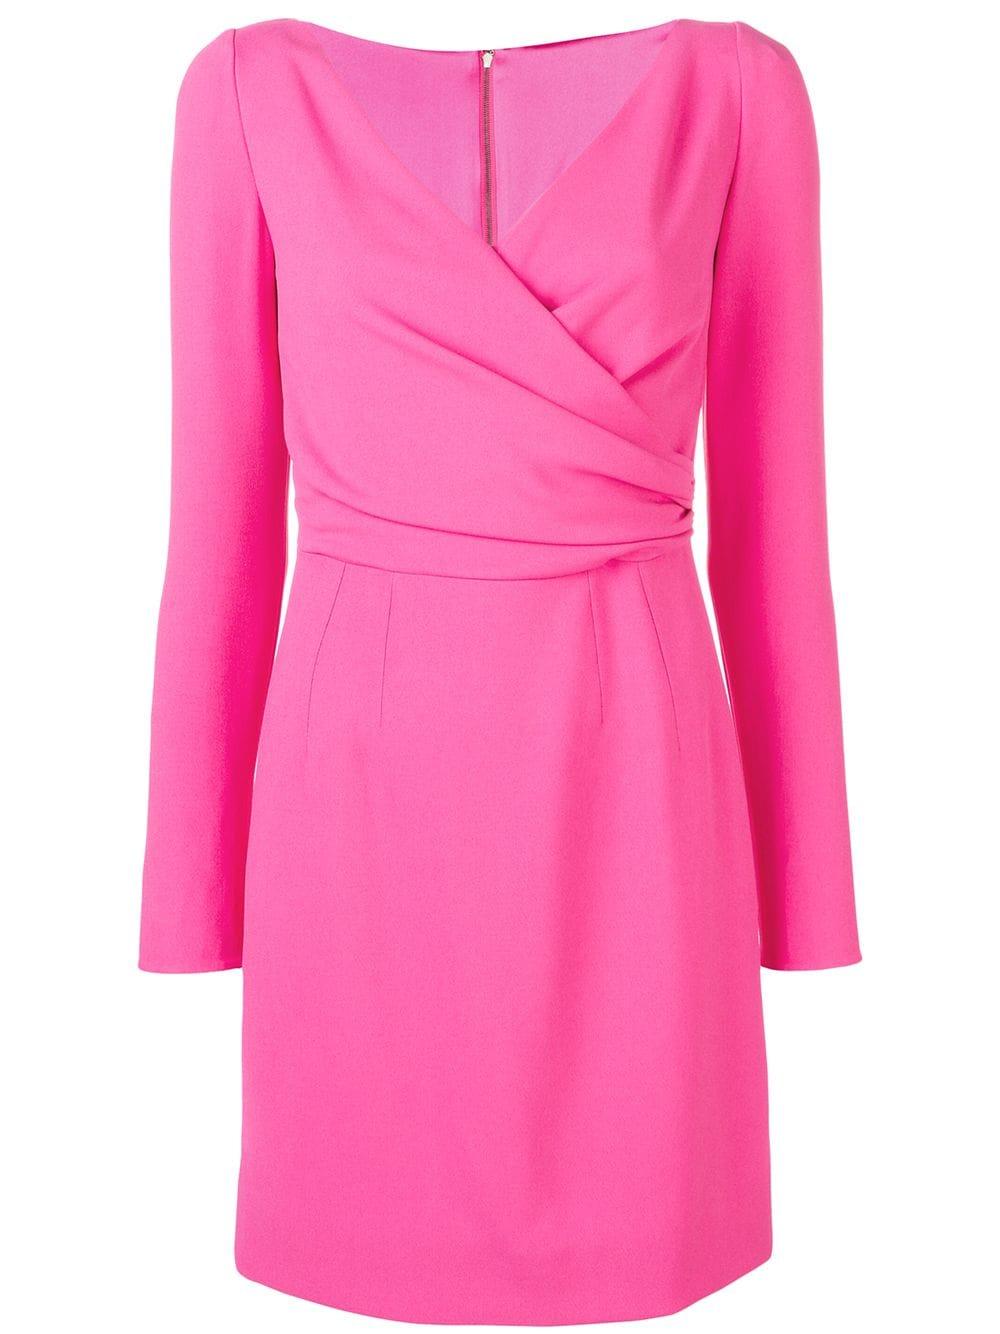 fuchsia pink silk fitted mini dress DOLCE & GABBANA |  | F6D3OT-FURDVF0733